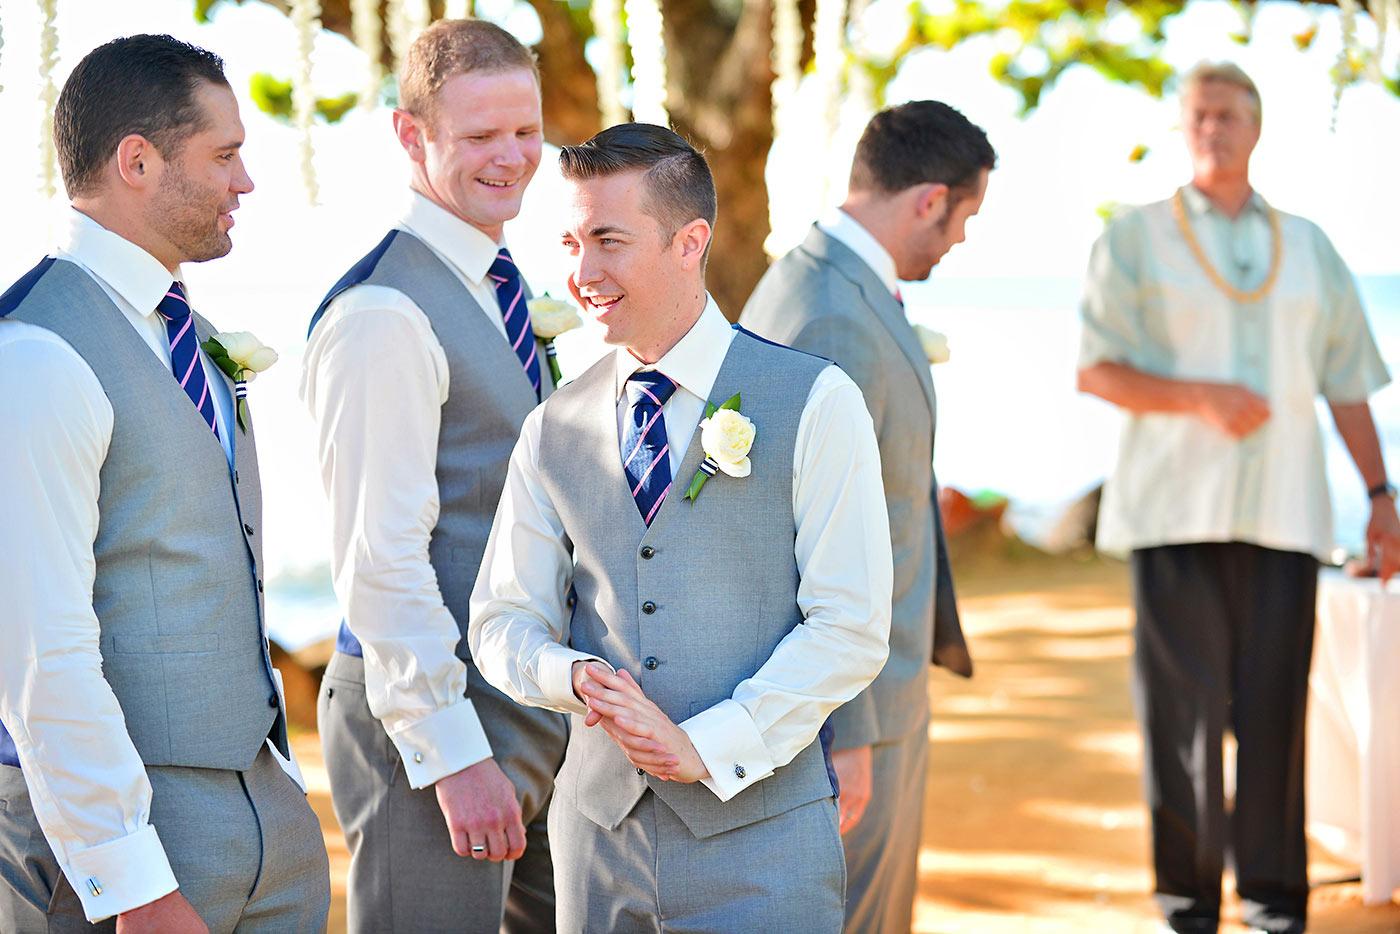 Kauai-Island-Hawaii-wedding-photo-(10).jpg